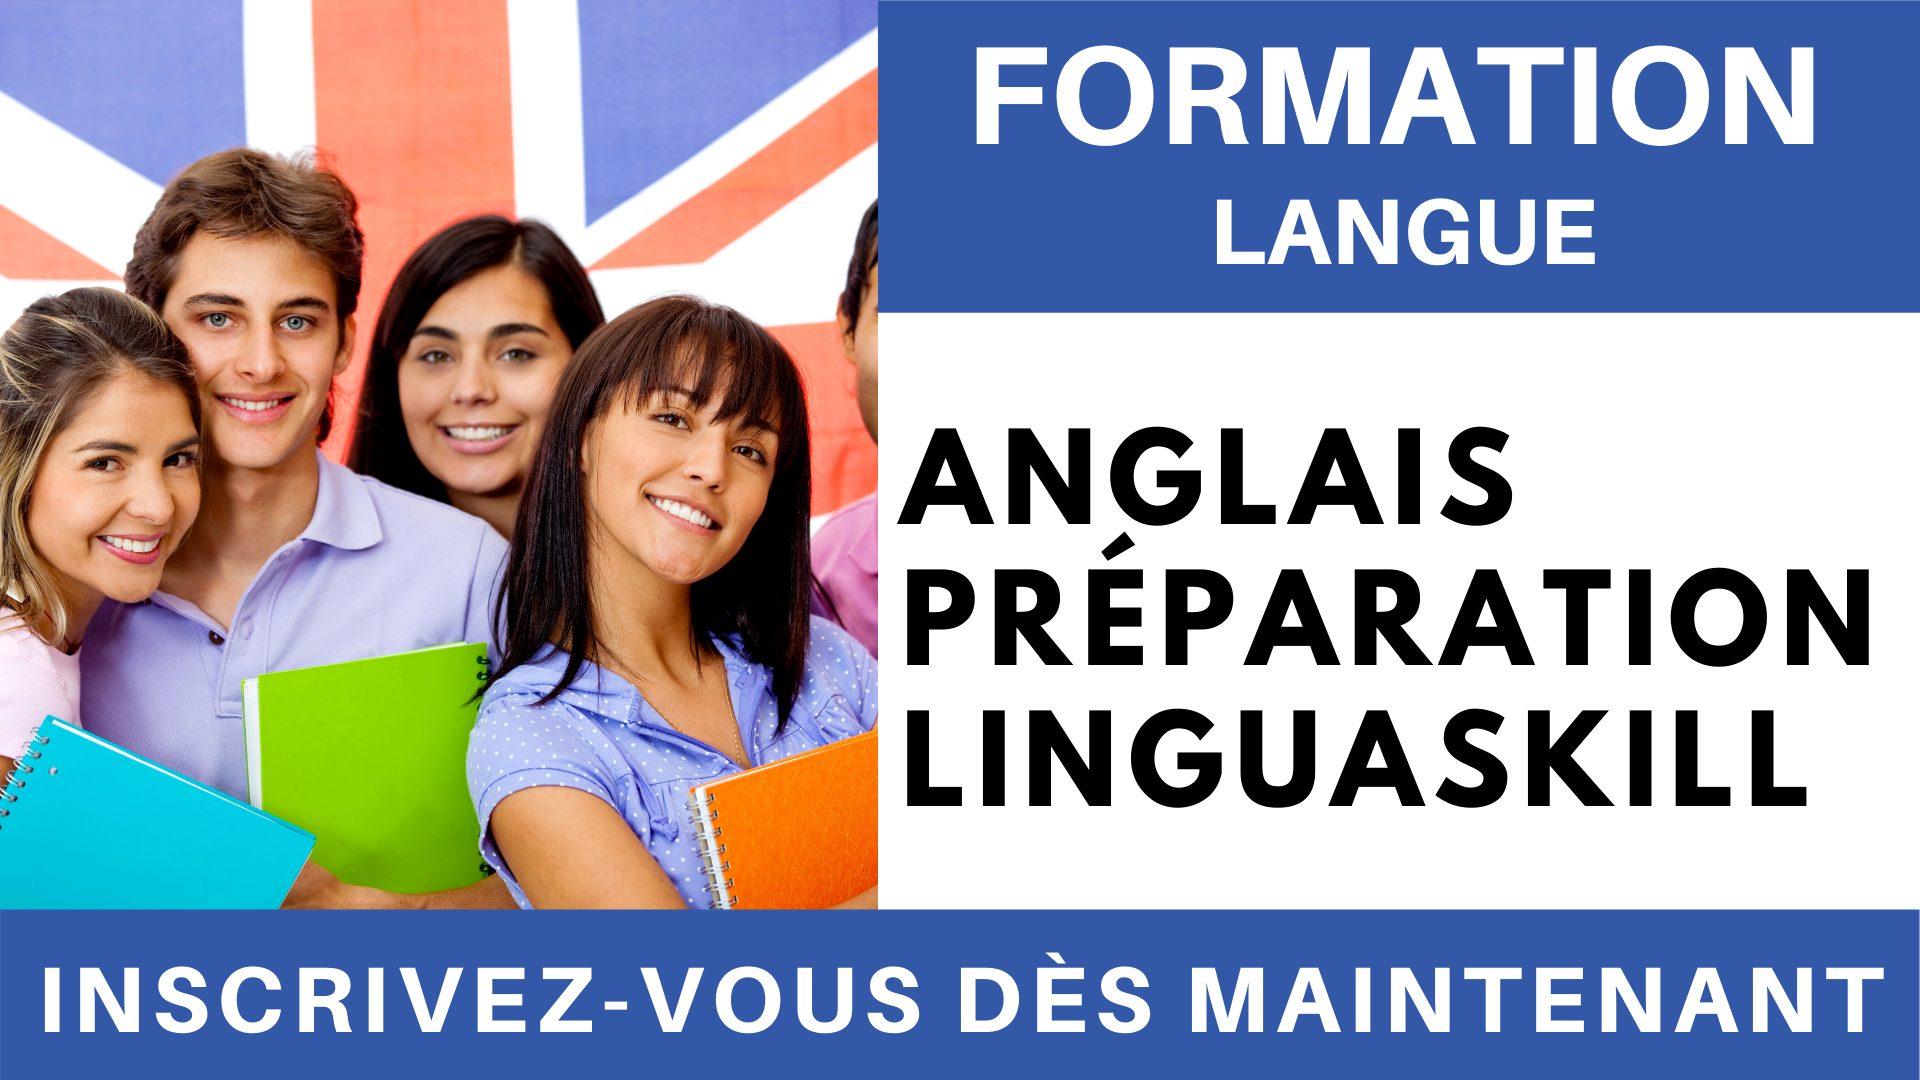 Formation Langue - Anglais Préparation linguaskill Général Expression écrite